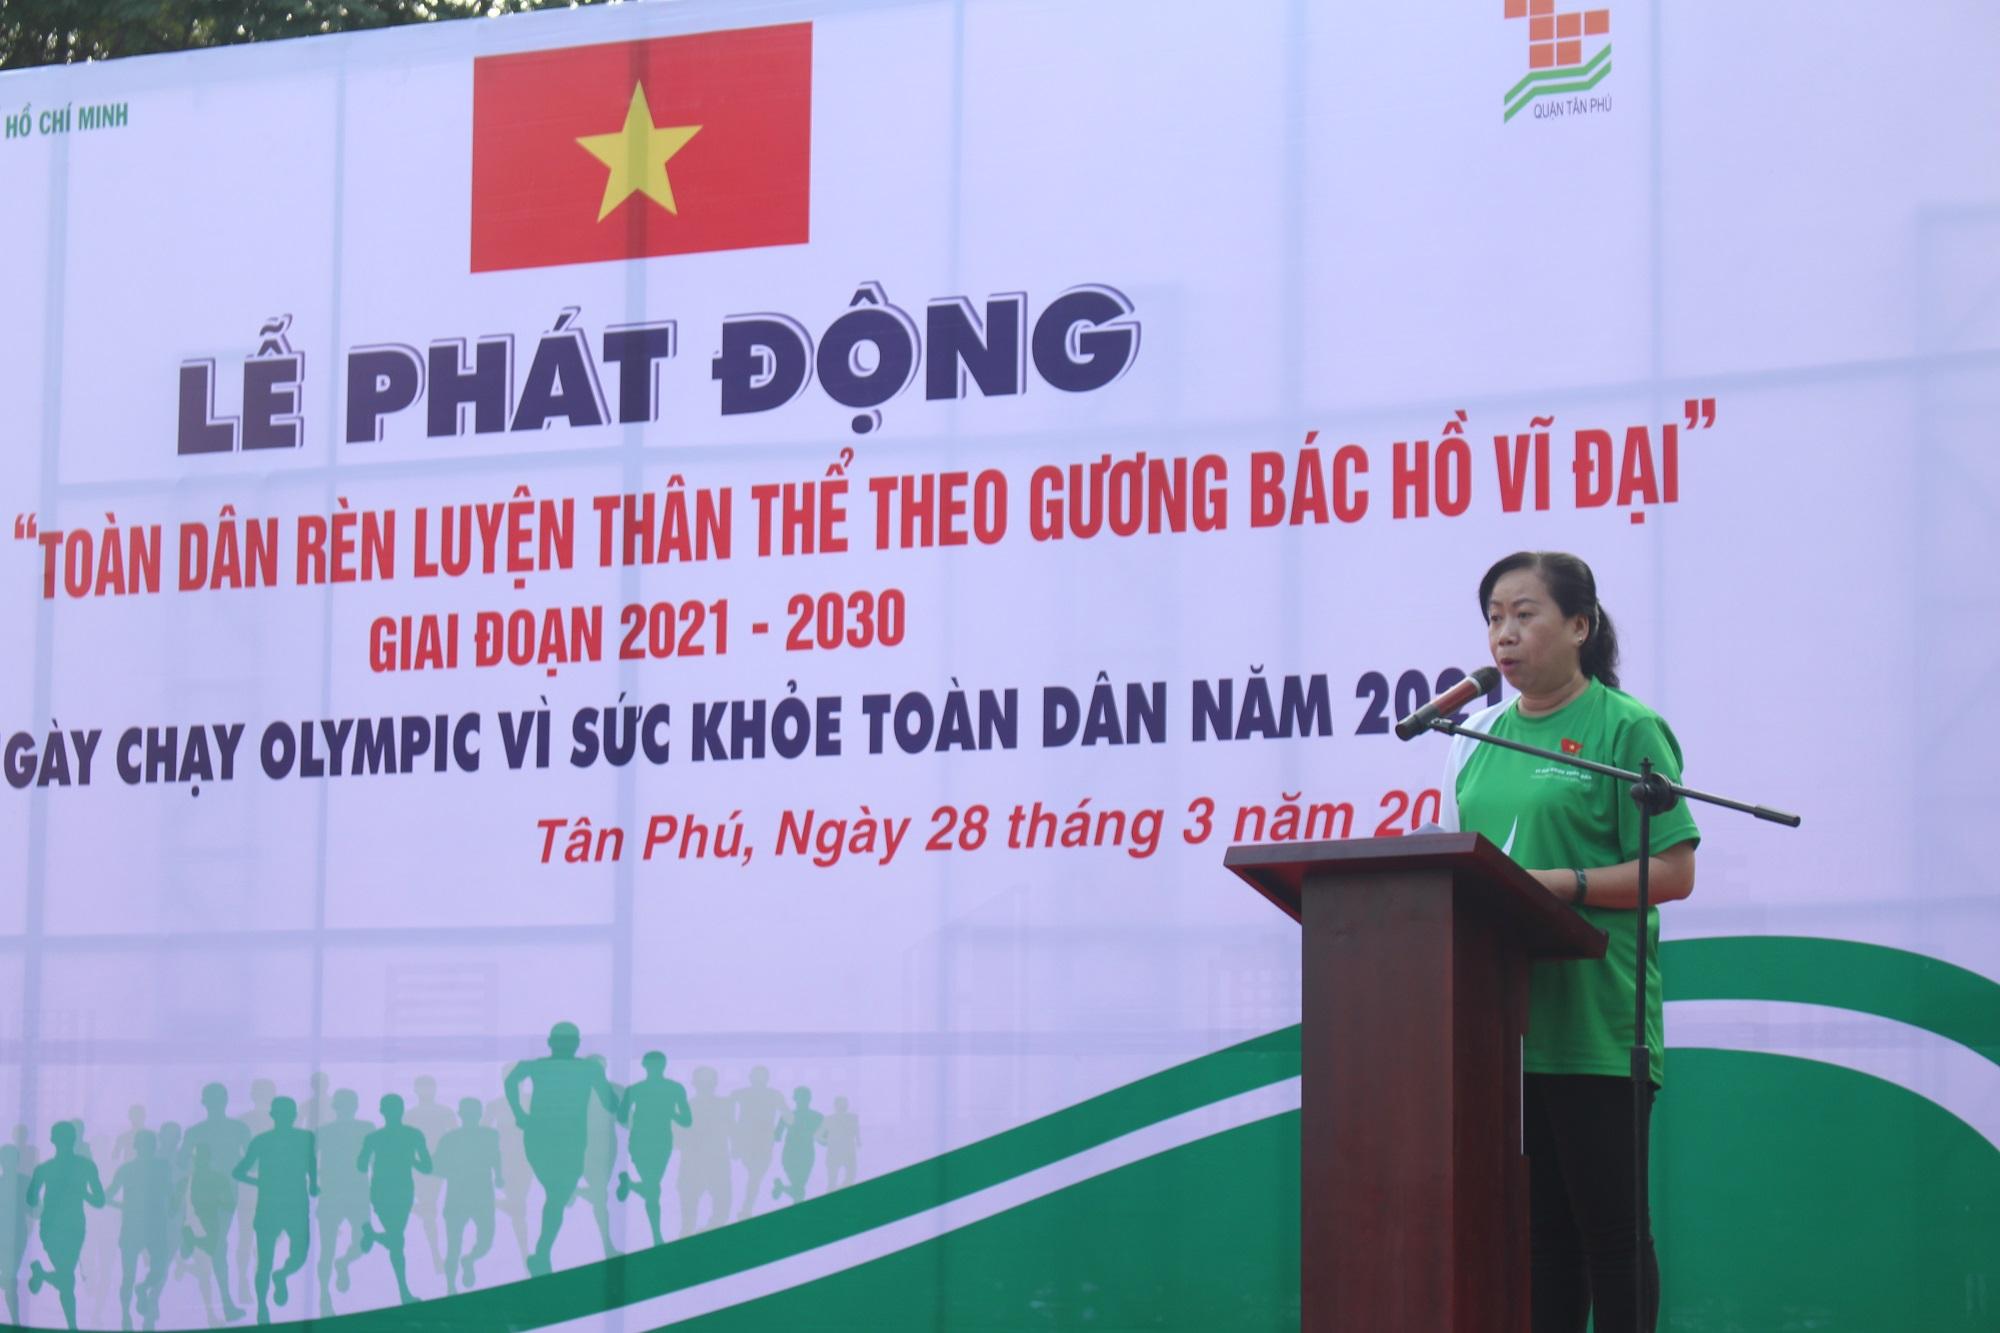 Hình ảnh: Quận Tân Phú: Hơn 1000 người tham dự ngày chạy Olympic vì sức khỏe toàn dân năm 2021 số 3